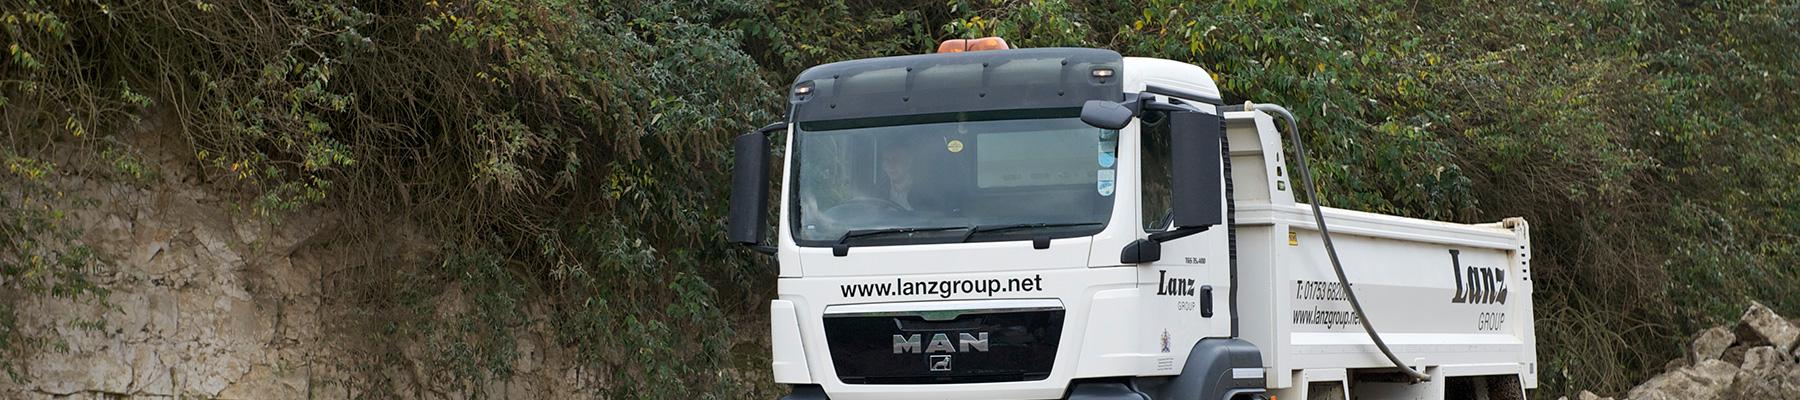 Lanz Group Tipper